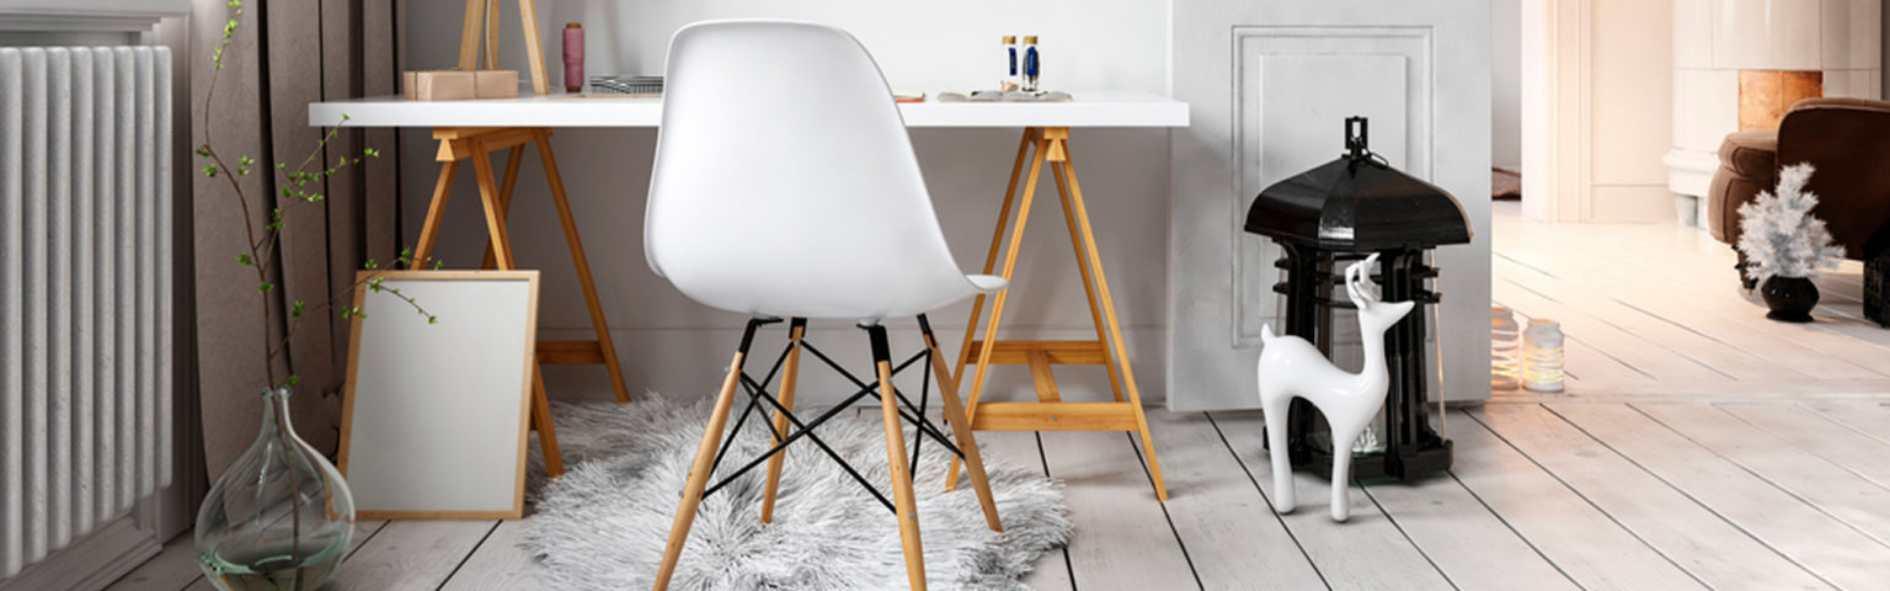 Descubre la decoración nórdica y cómo puede aportar luminosidad y calidez a tu hogar